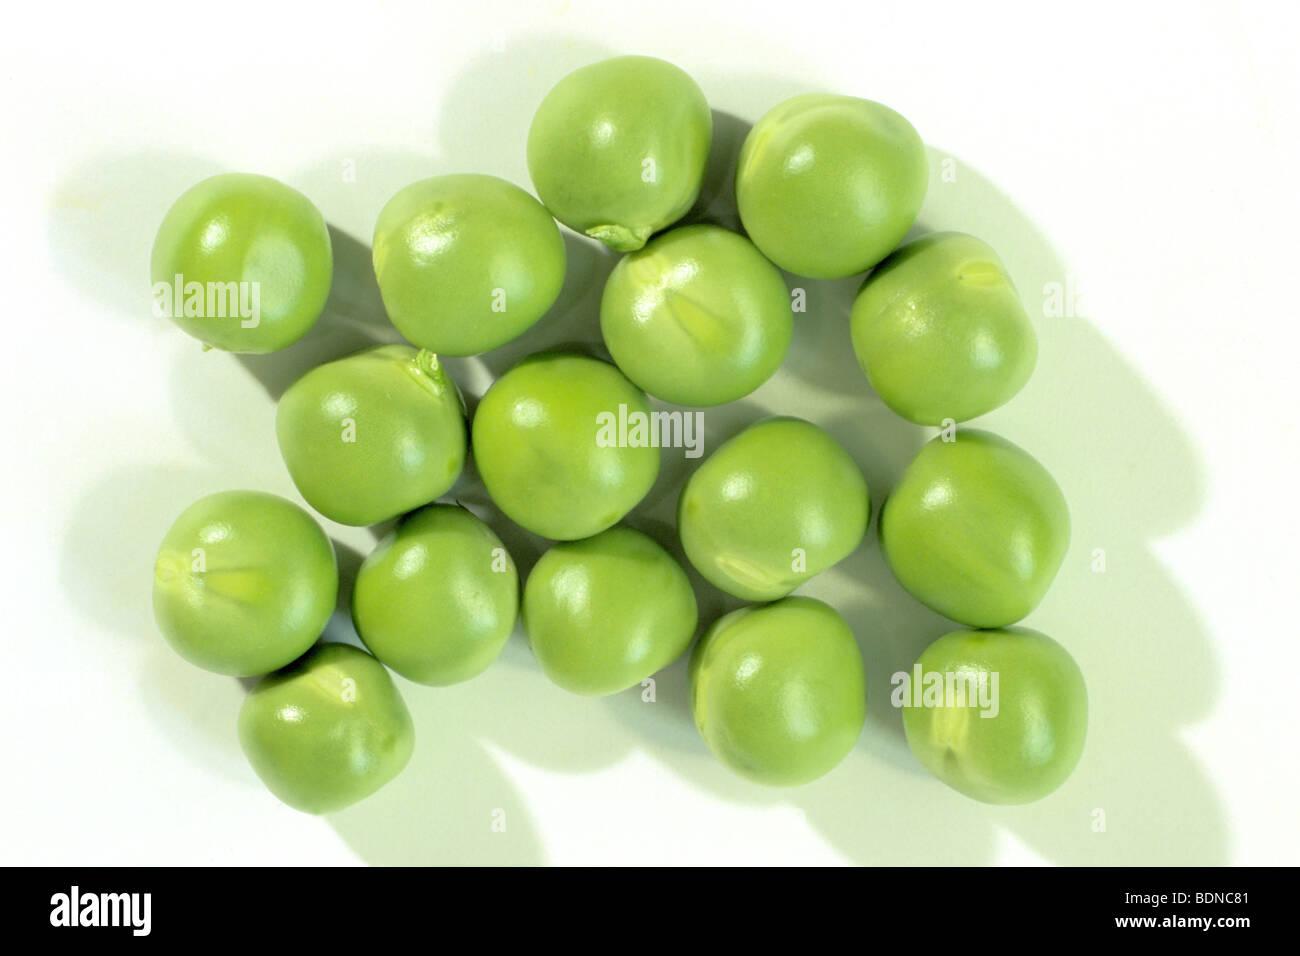 Garden Pea, Pea (Pisum sativum), peas, studio picture. - Stock Image